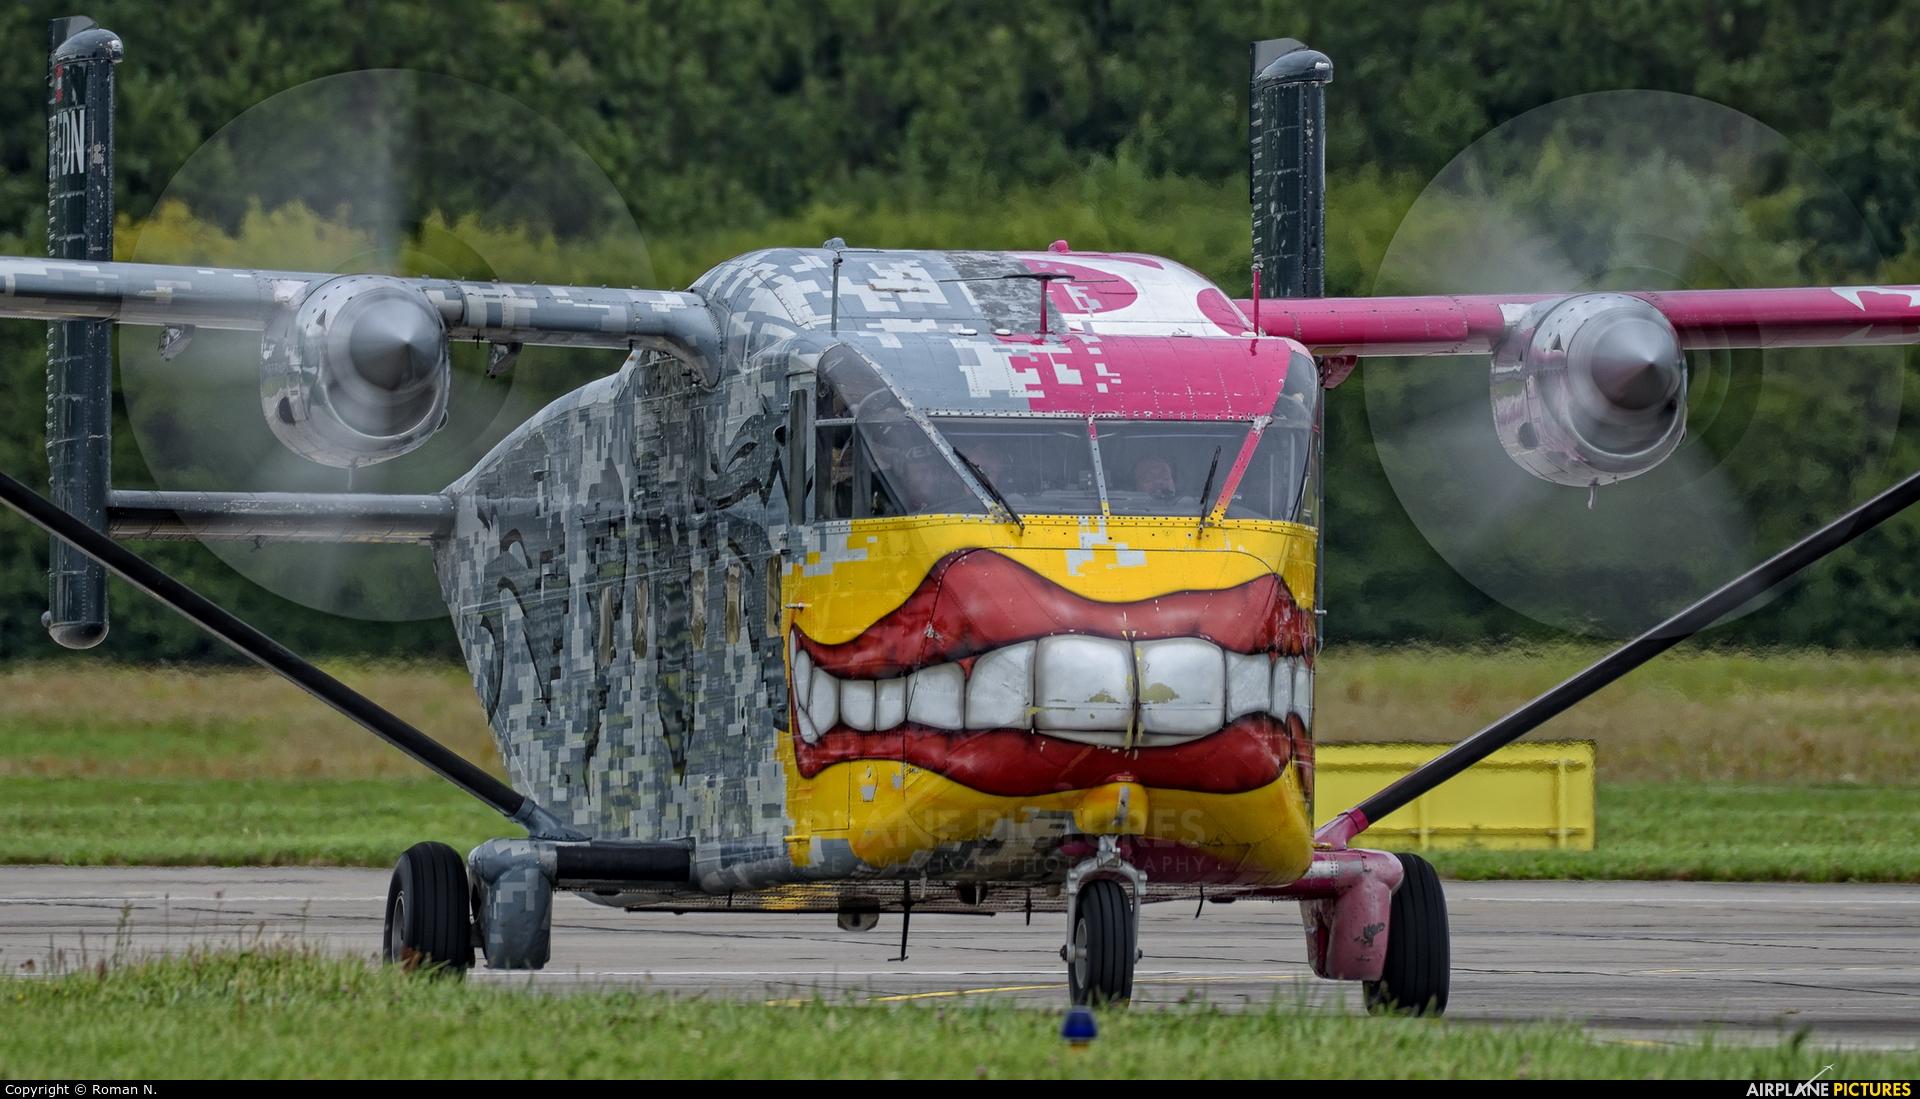 Pink Aviation OE-FDN aircraft at Gdynia- Babie Doły (Oksywie)